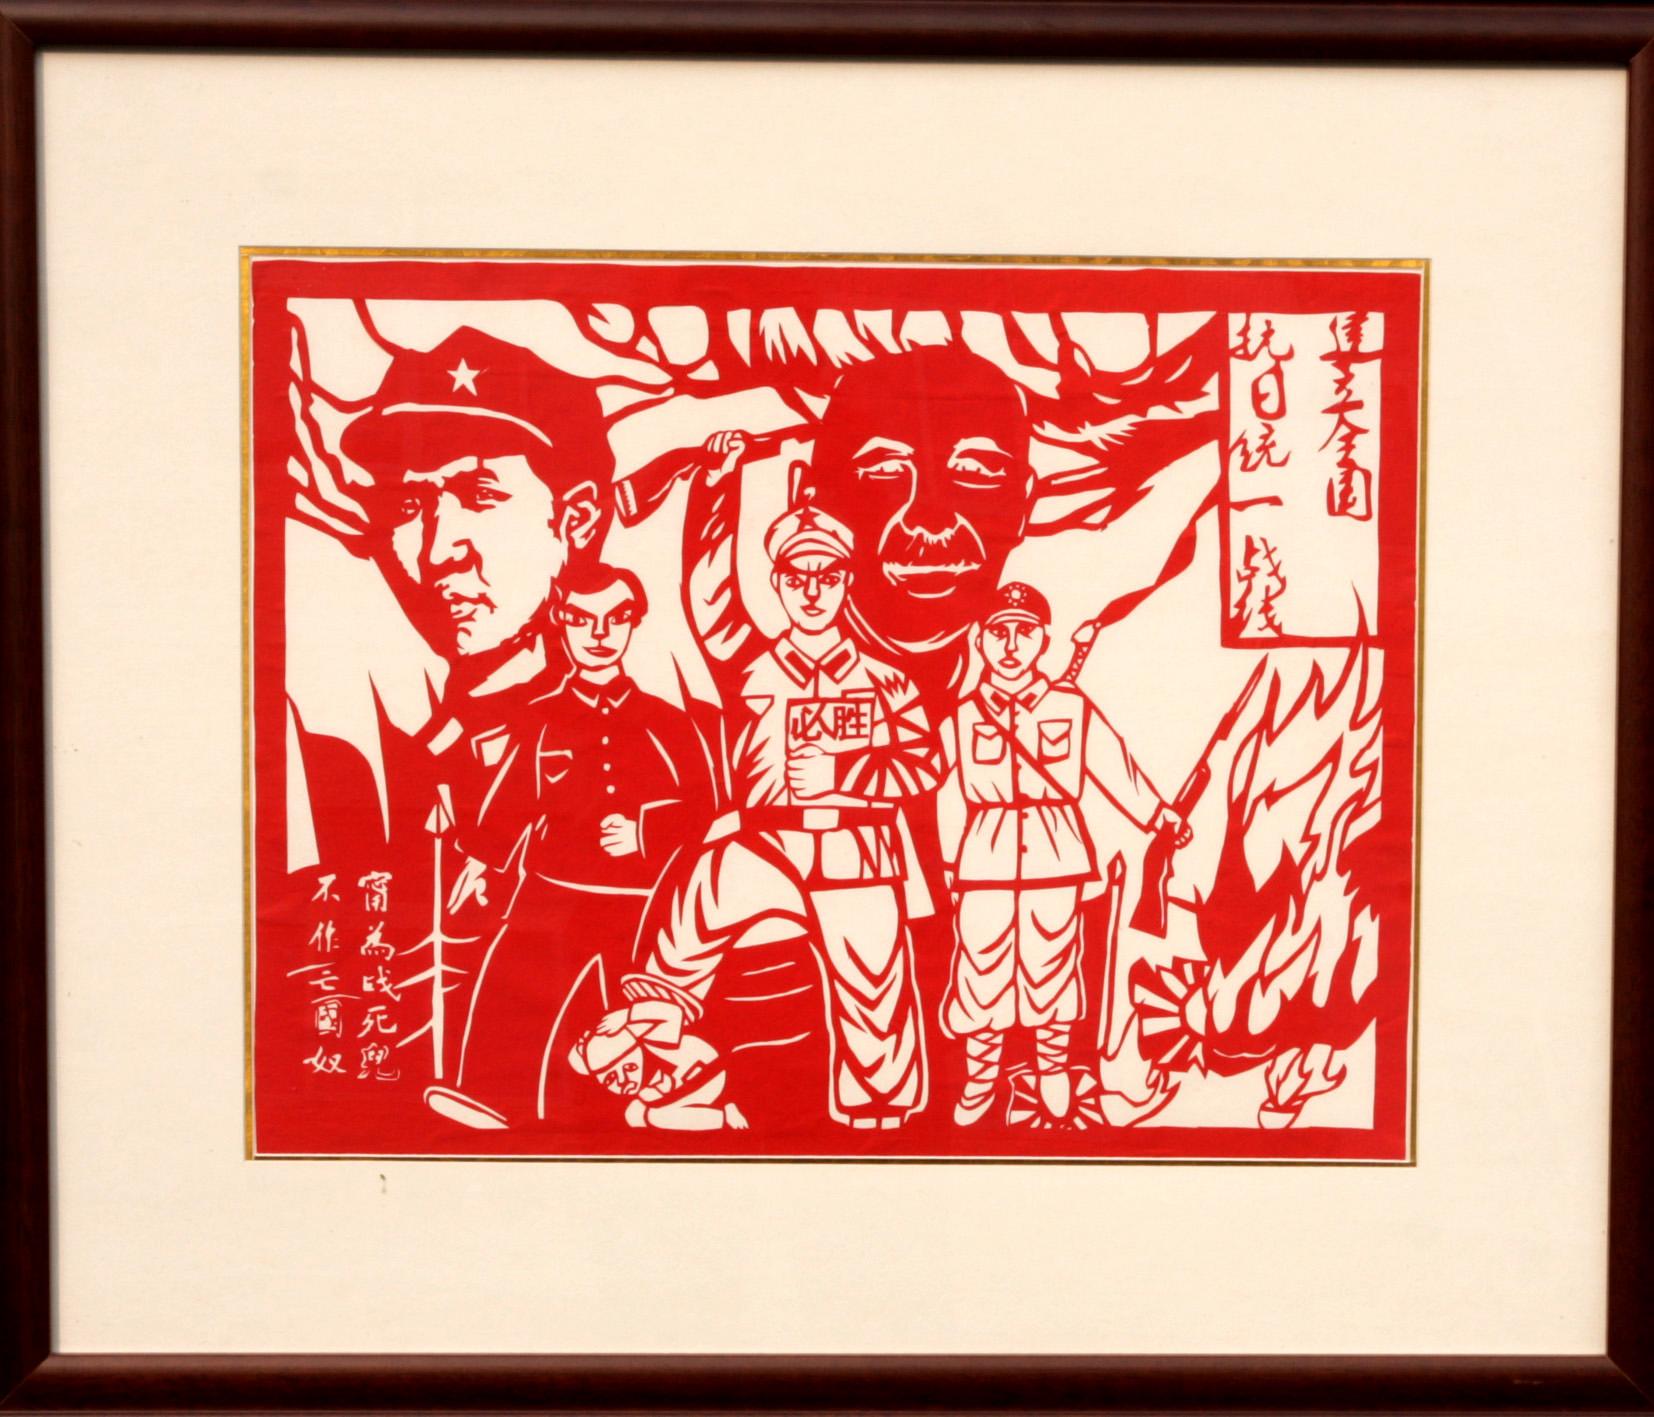 主题剪纸活动纪念抗战胜利70周年